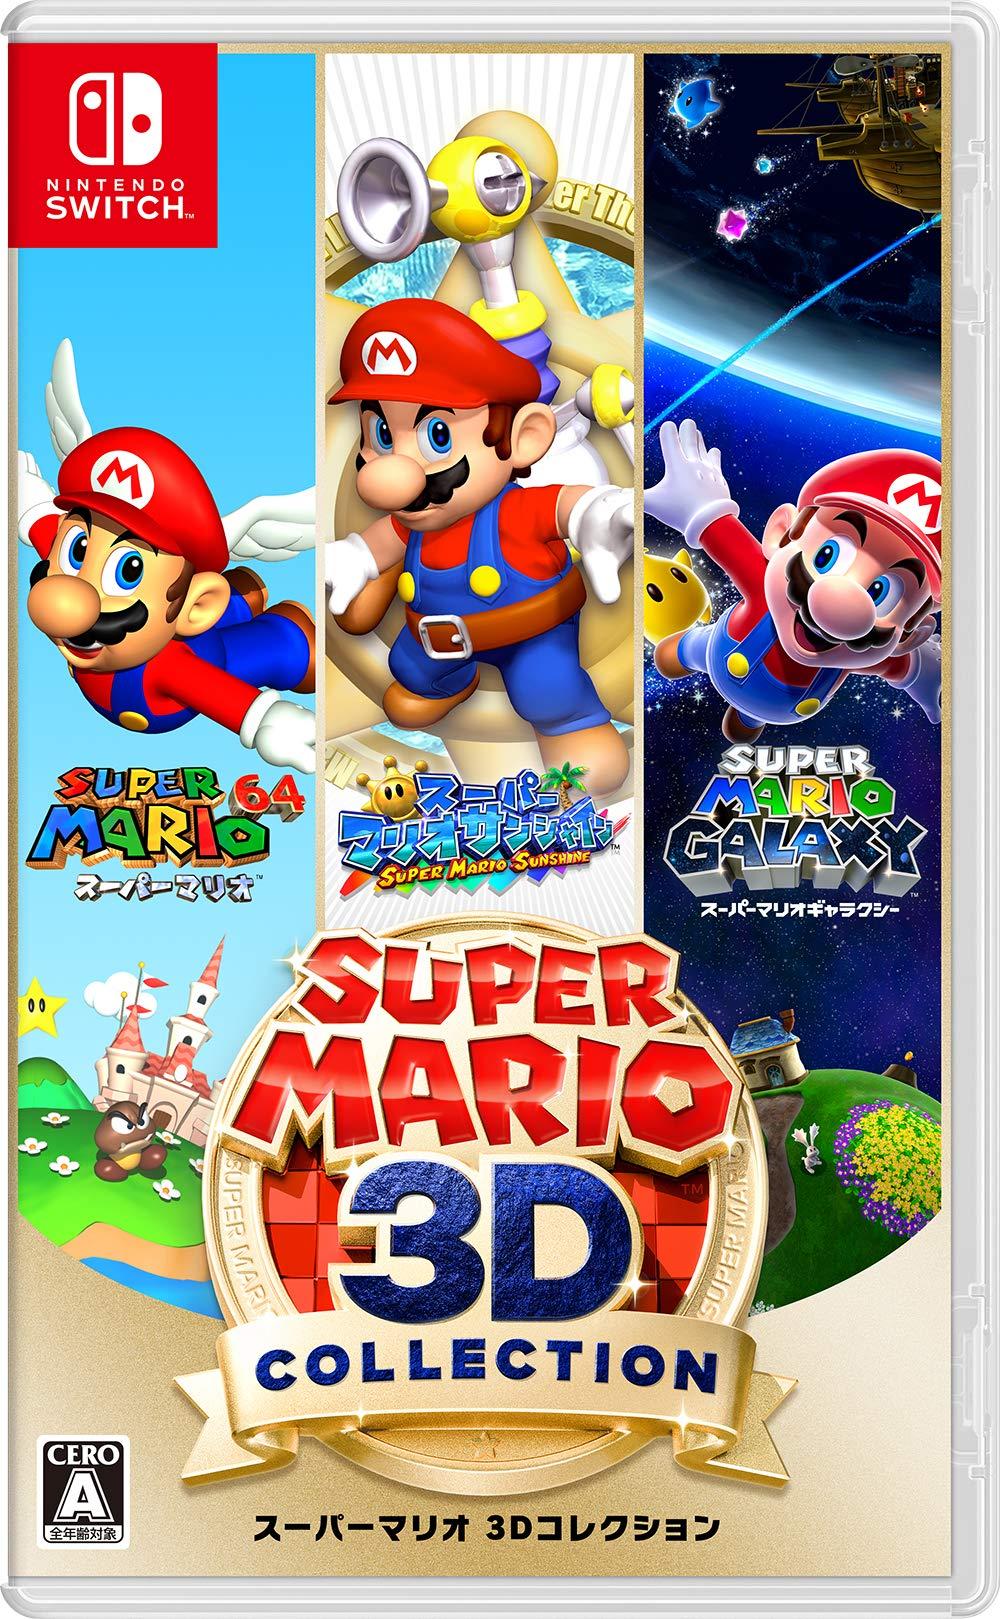 【期間限定生産】64、サンシャイン、ギャラクシー、3つを収録した『スーパーマリオ 3Dコレクション』店舗特典・割引情報【9月18日発売!】